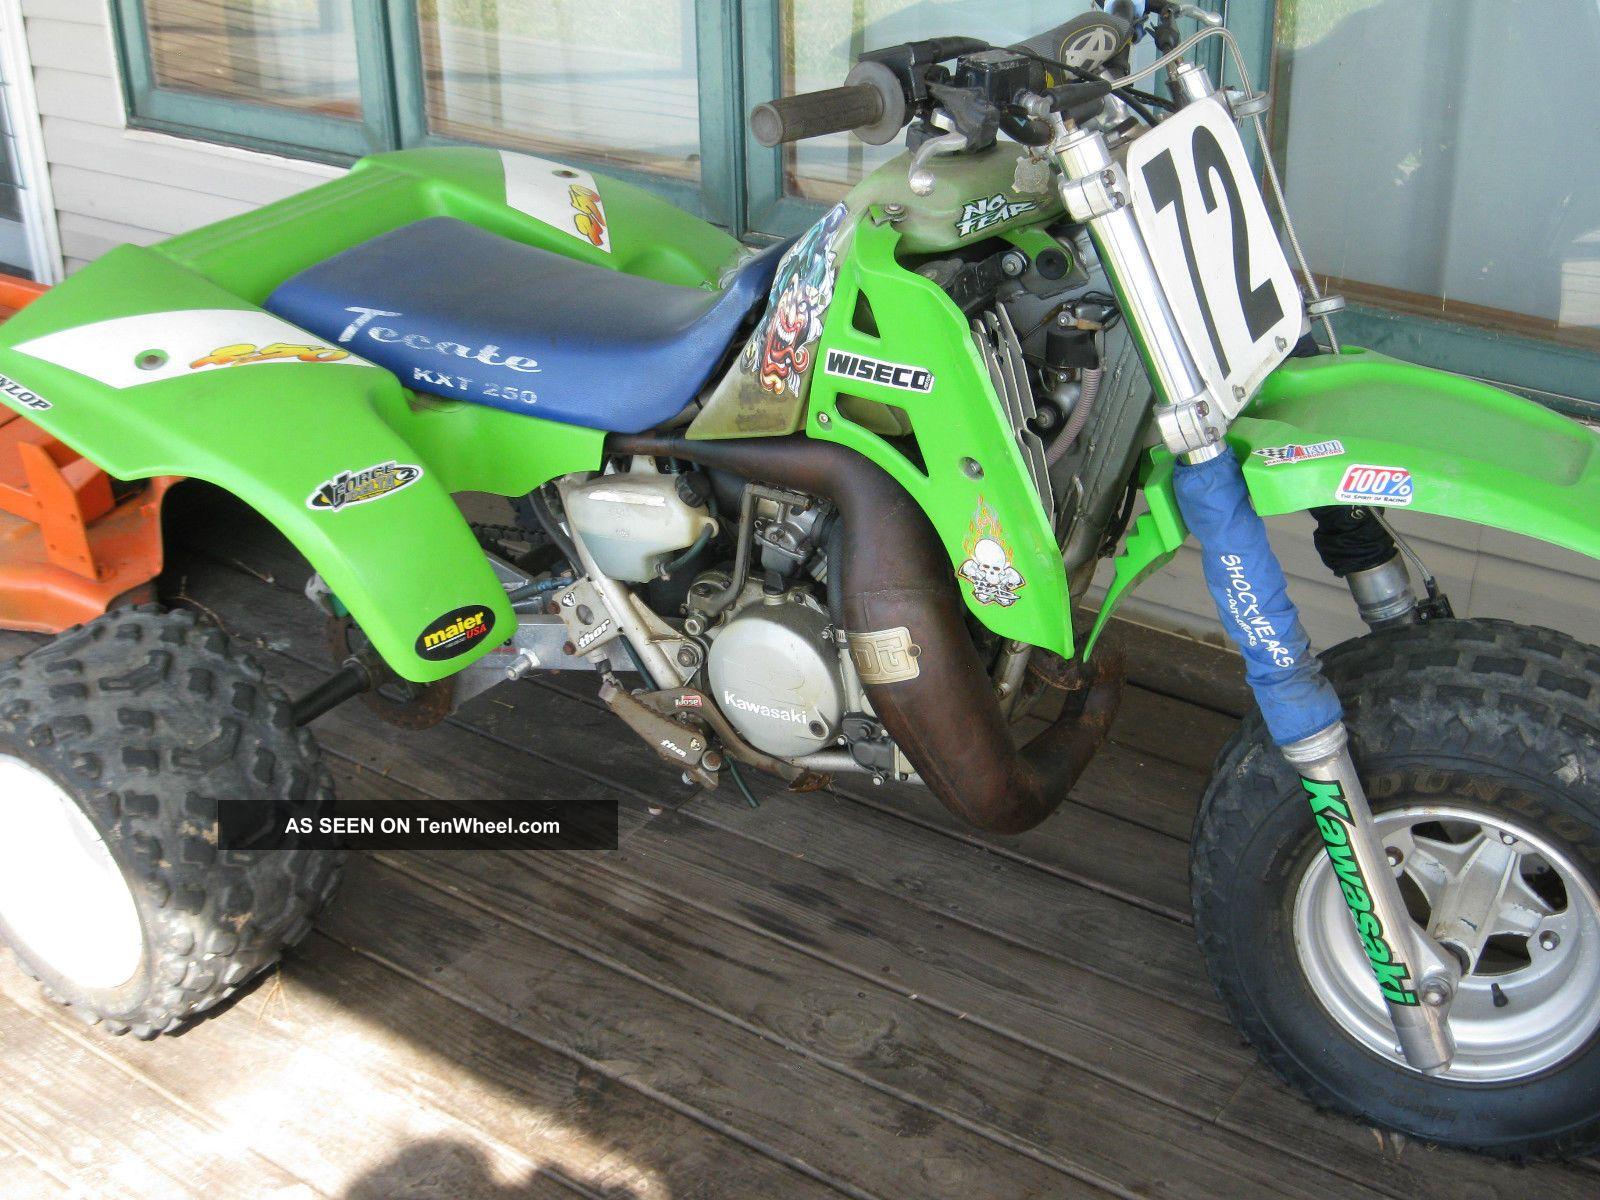 1986 Kawasaki Kxt250 Kawasaki photo